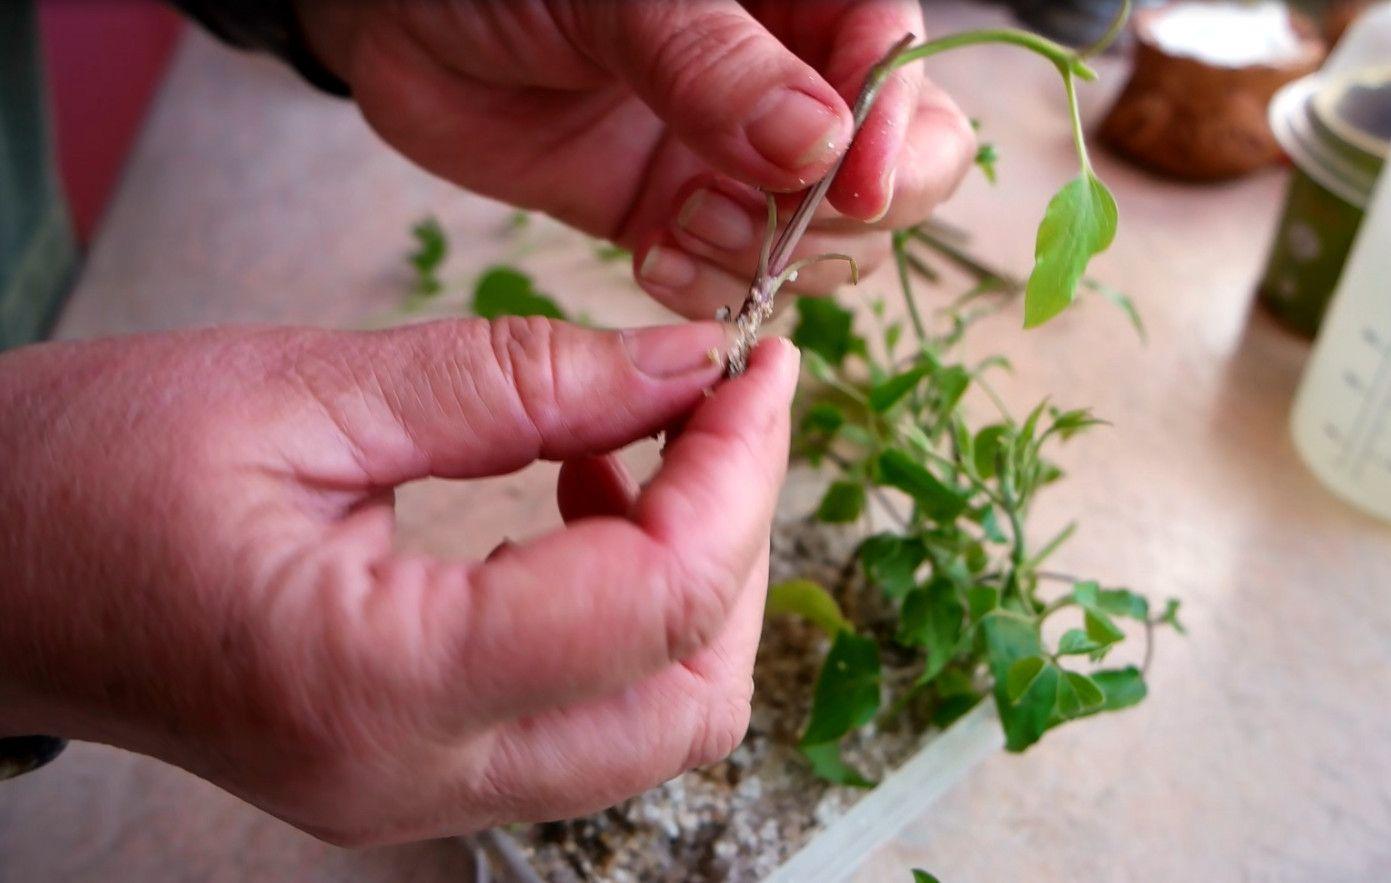 ✅ посадка мяты и размножение семенами, черенками, делением куста - tehnomir32.ru